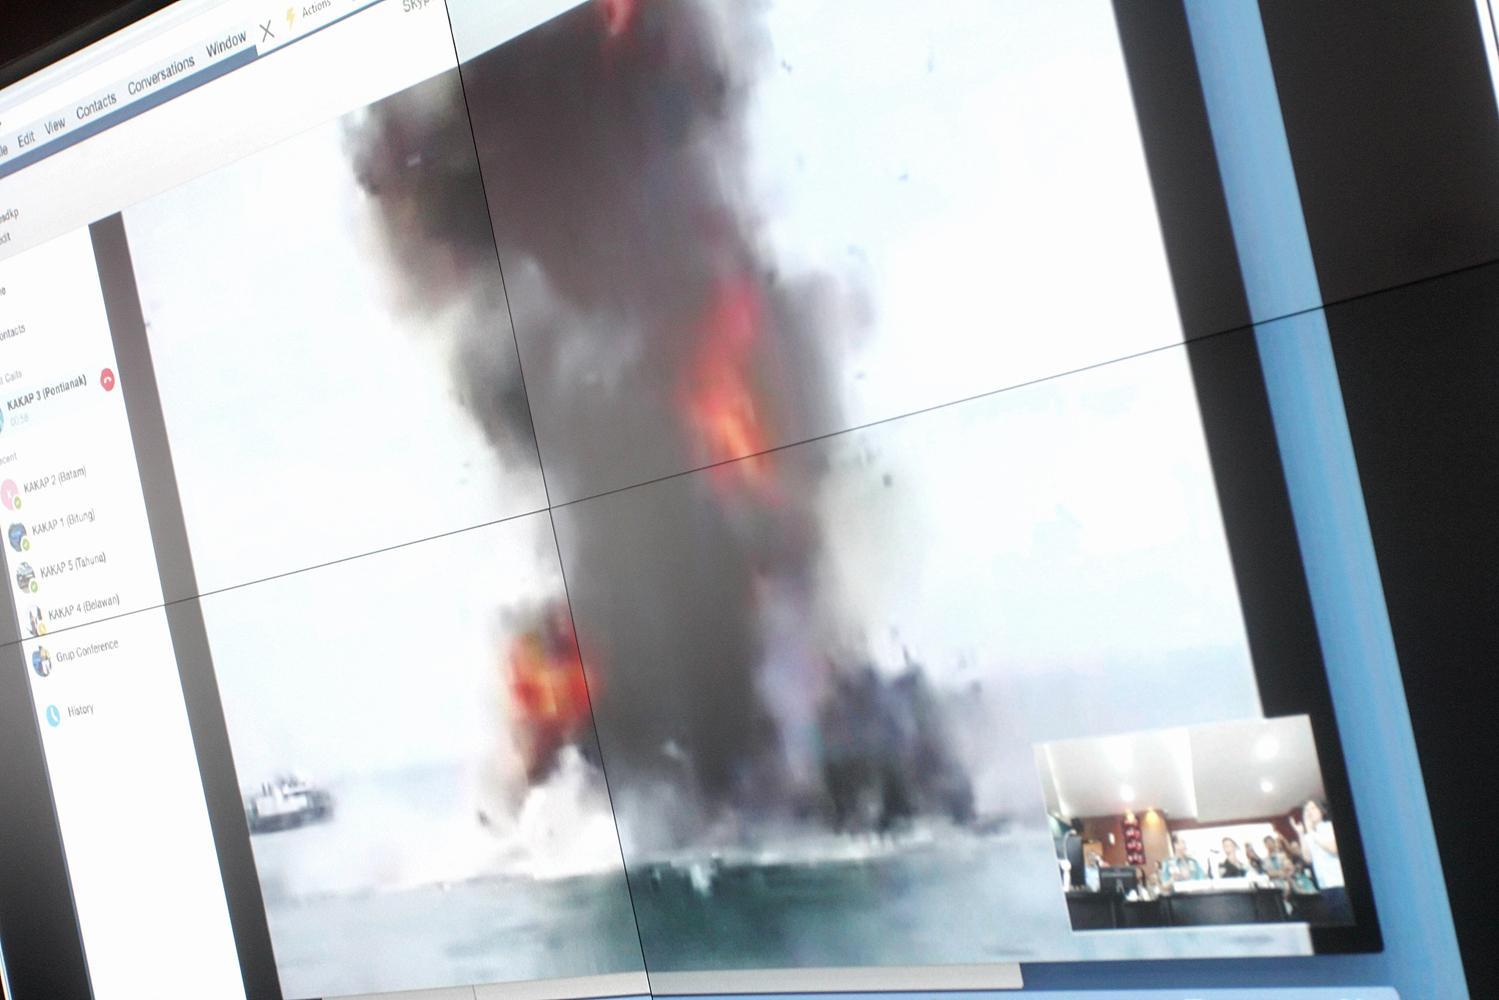 Ledakan TNT, menghancurkan kapal ikan ilegal yang dipimpin langsung oleh Menteri Kelautan dan Perikanan, Susi Pudjiastuti melalui video live streaming, Senin, (22/02).